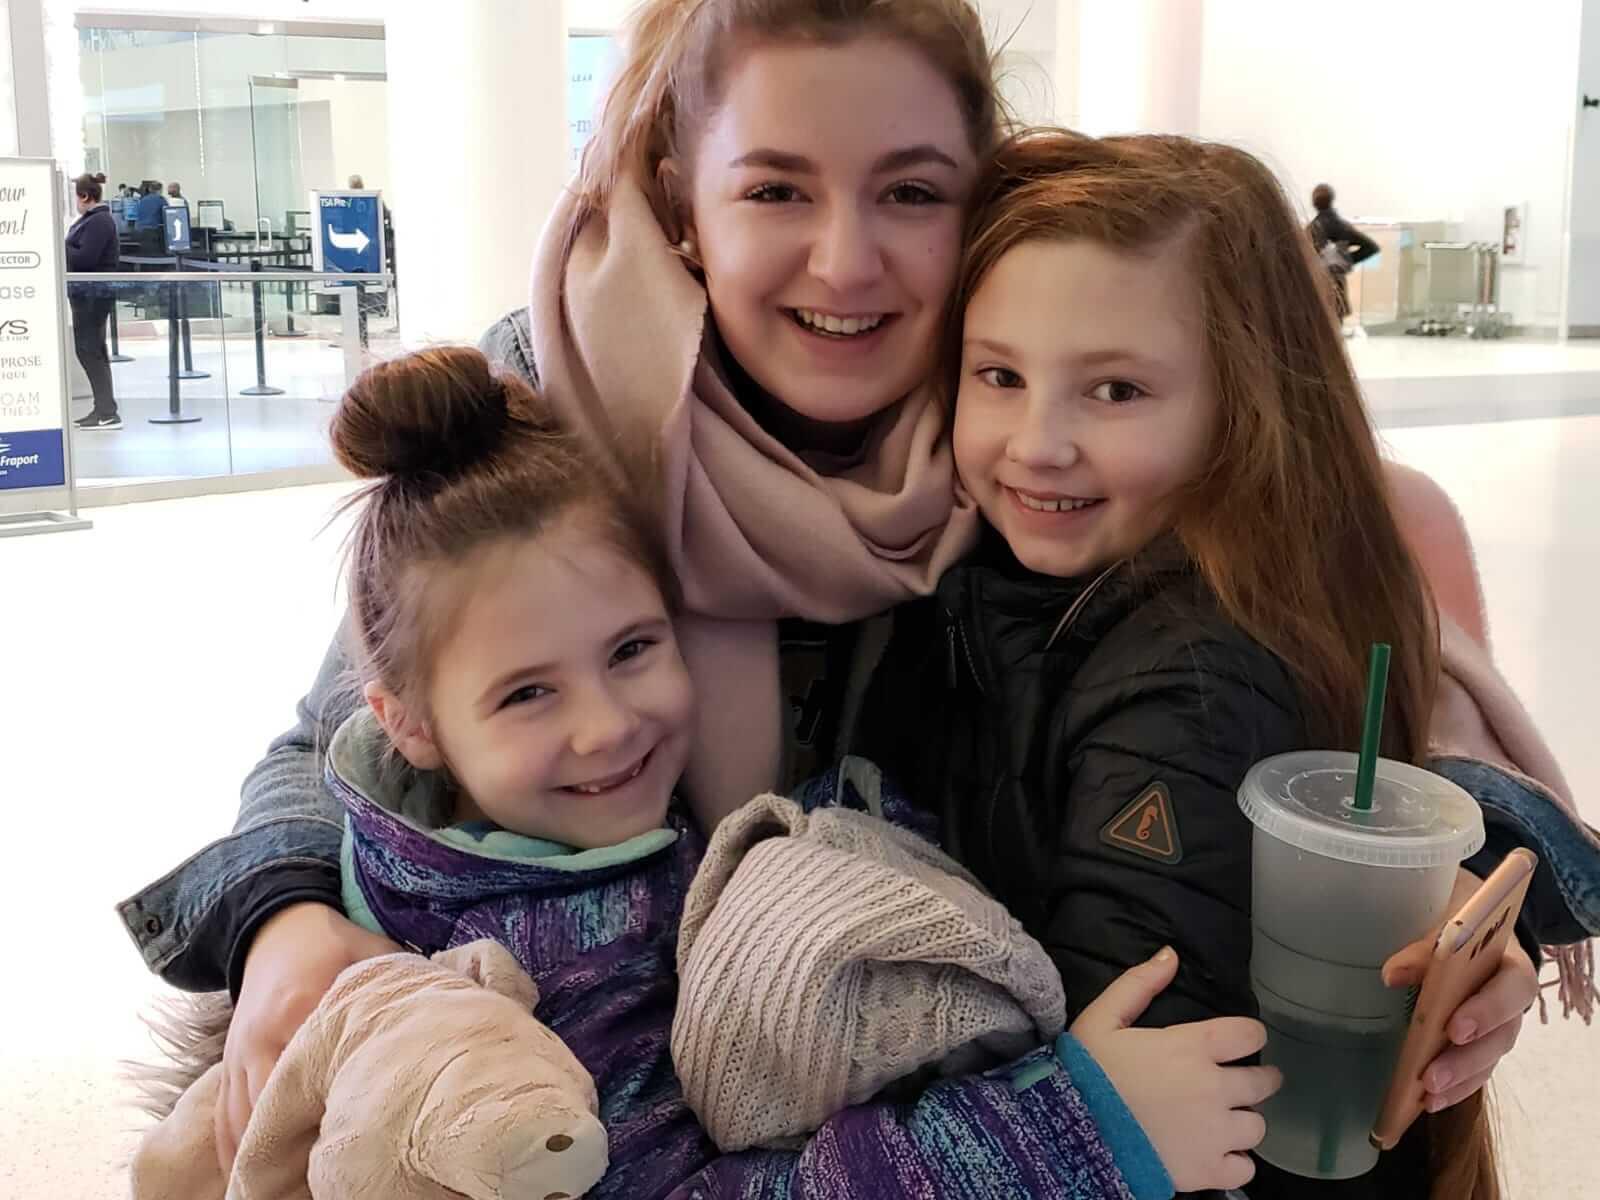 zwei kleiner Mädchen umarmen ein größeres Mädchen